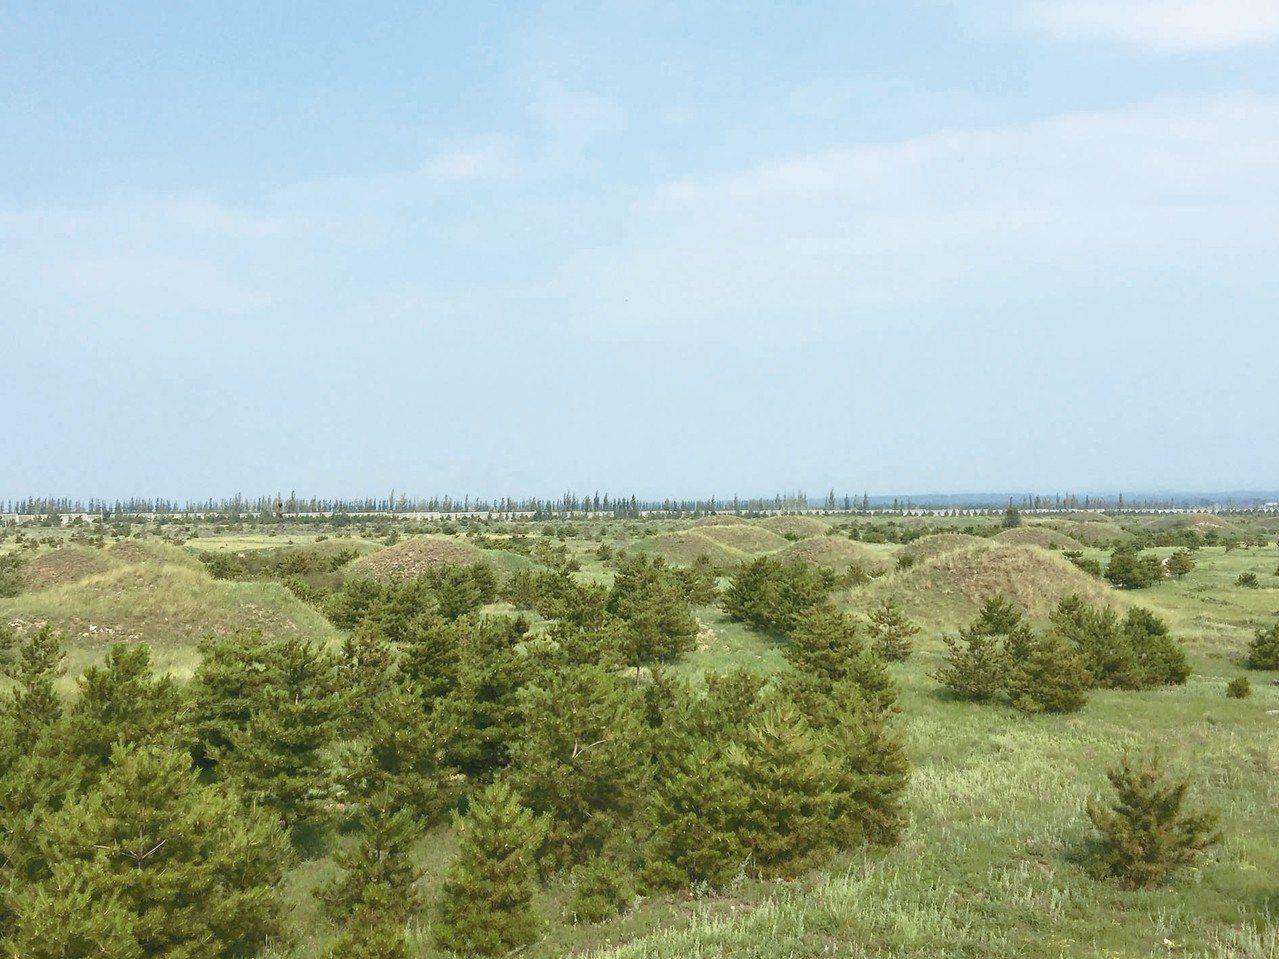 廣武漢墓群,規模之大、數量之多,居全大陸之首。 記者汪莉絹/攝影